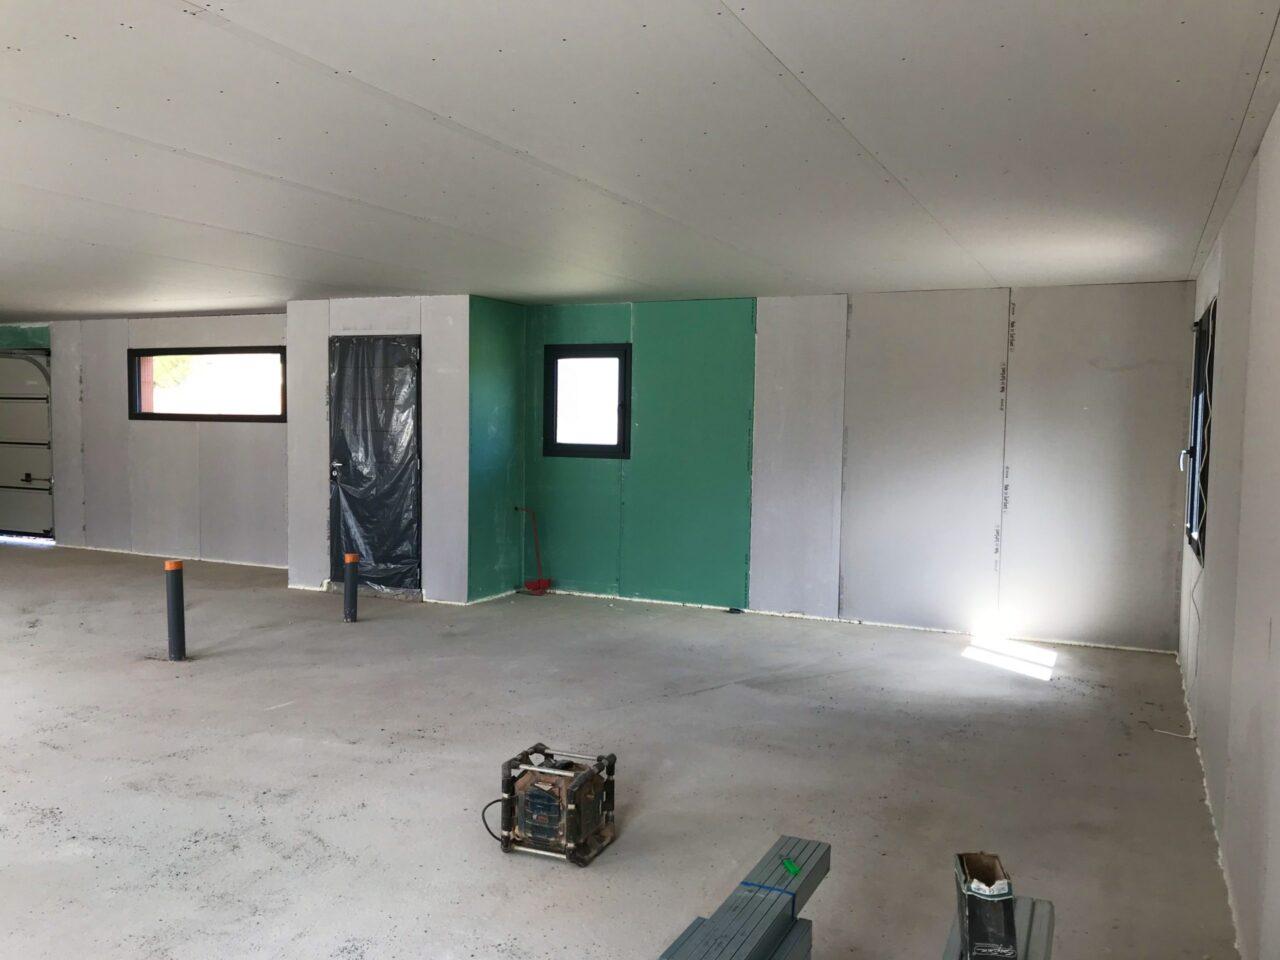 Isolation Placoplatre d'une maison à Villesèquelande dans l'aude 11000 | SP Construction Carcassonne